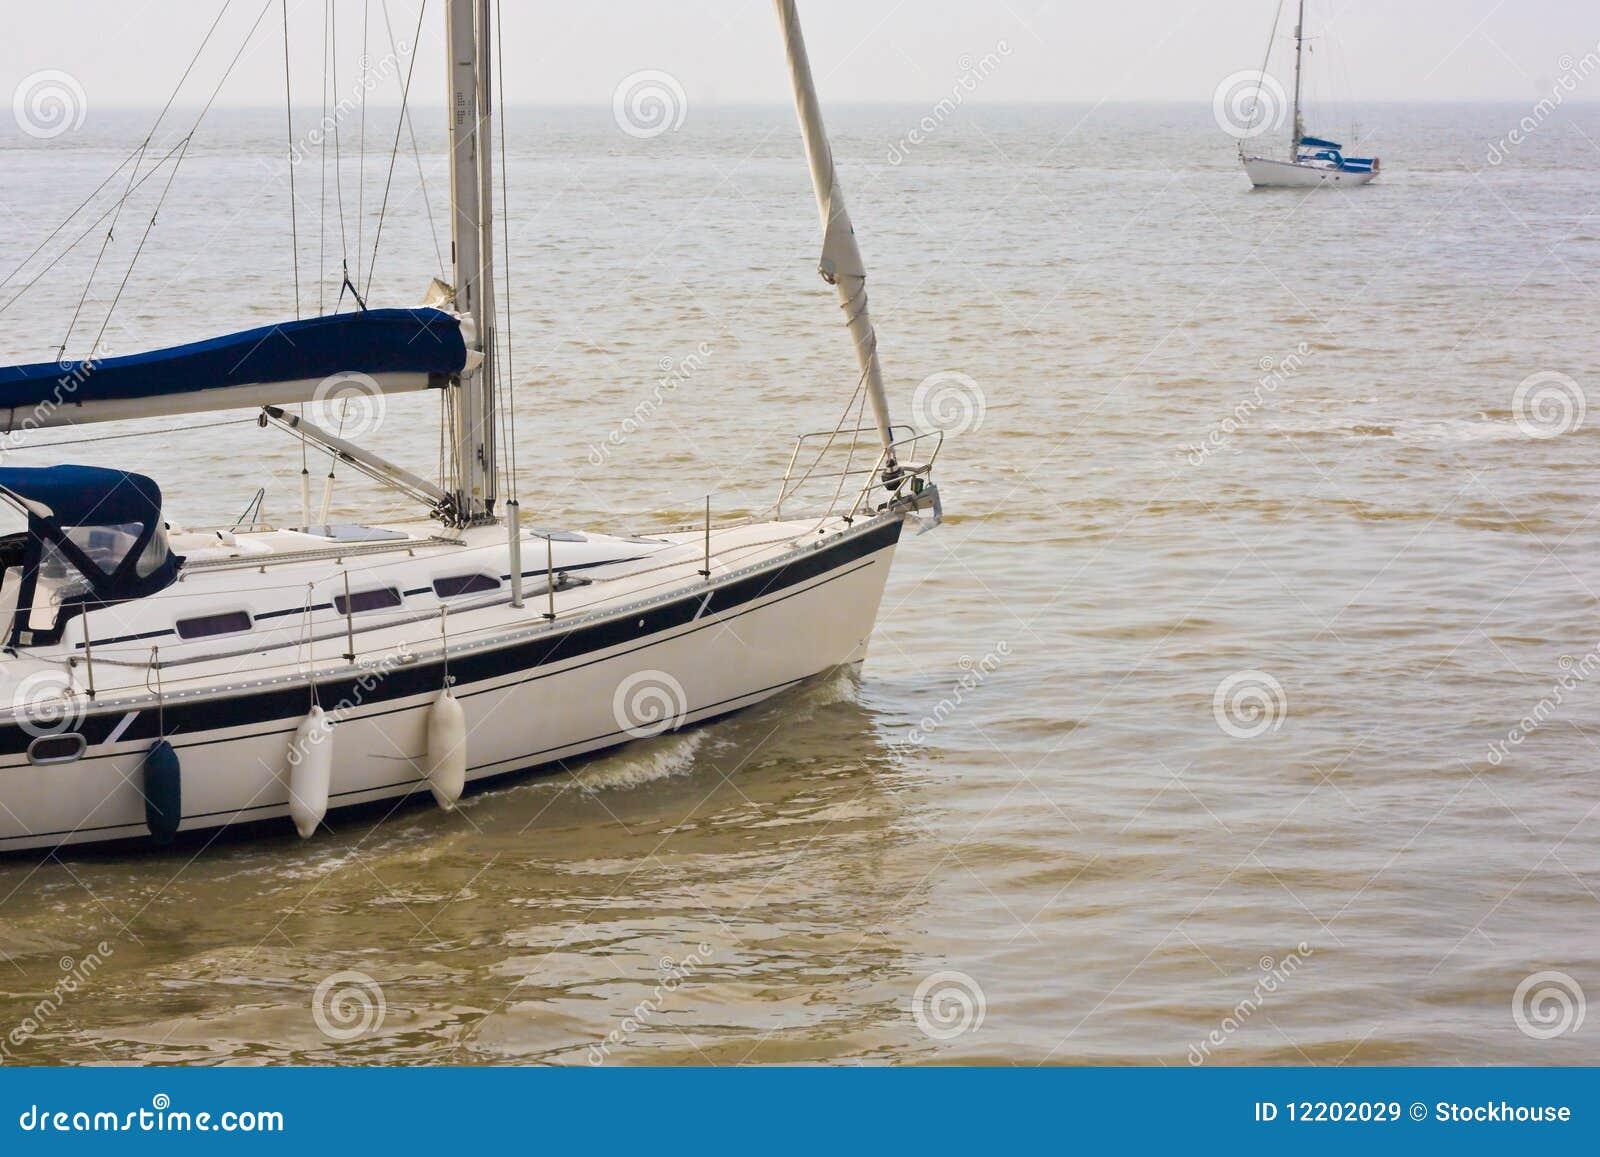 Sports Segelnboote auf dem Ozean